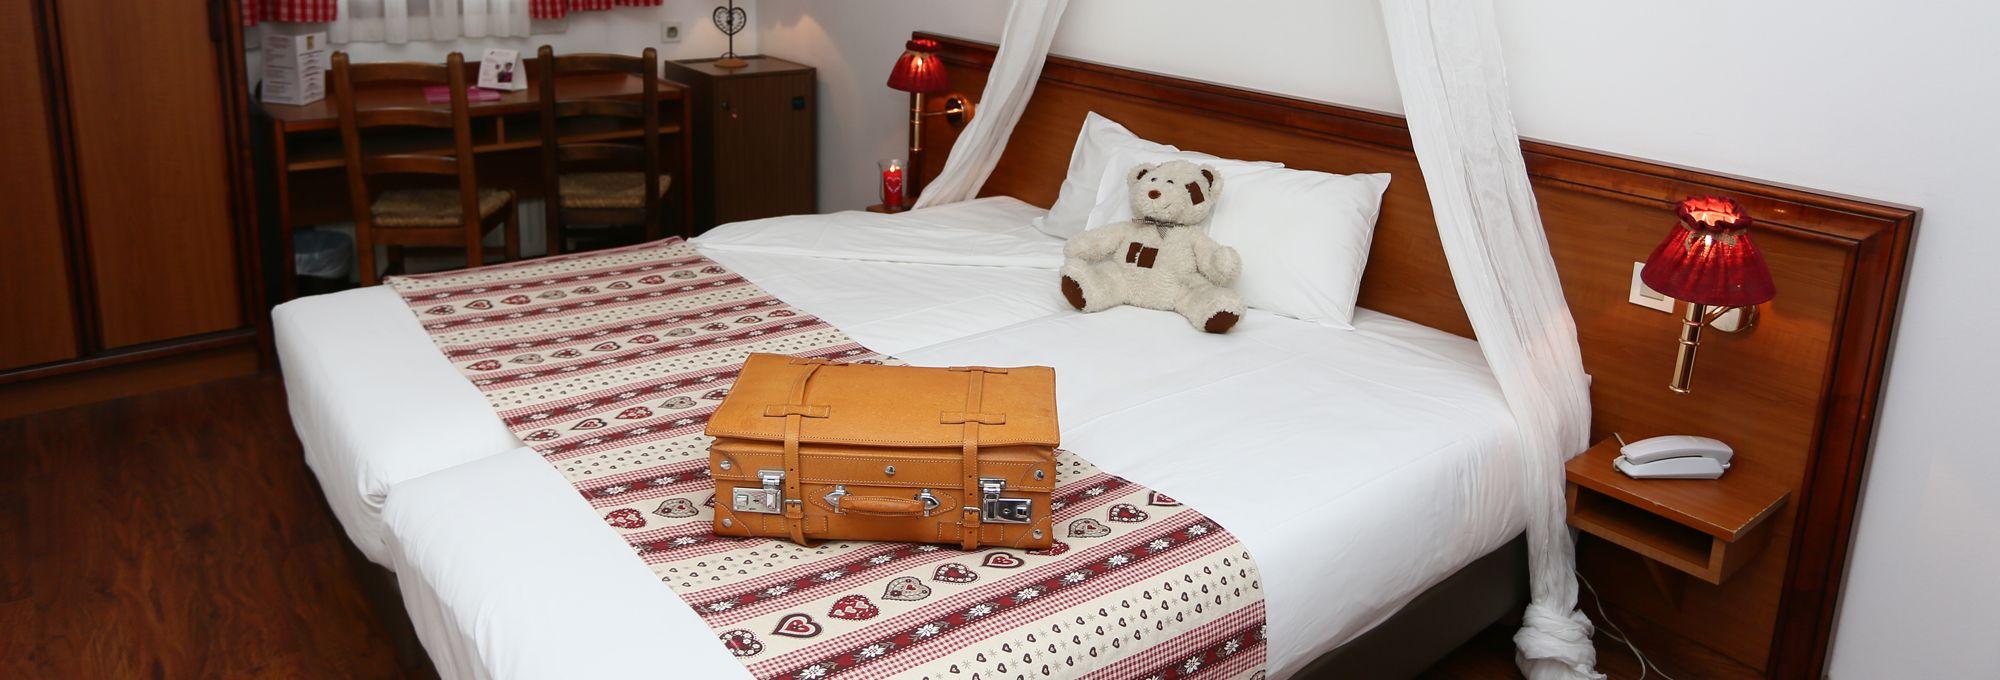 Brit Hotel La Ferme du Pape